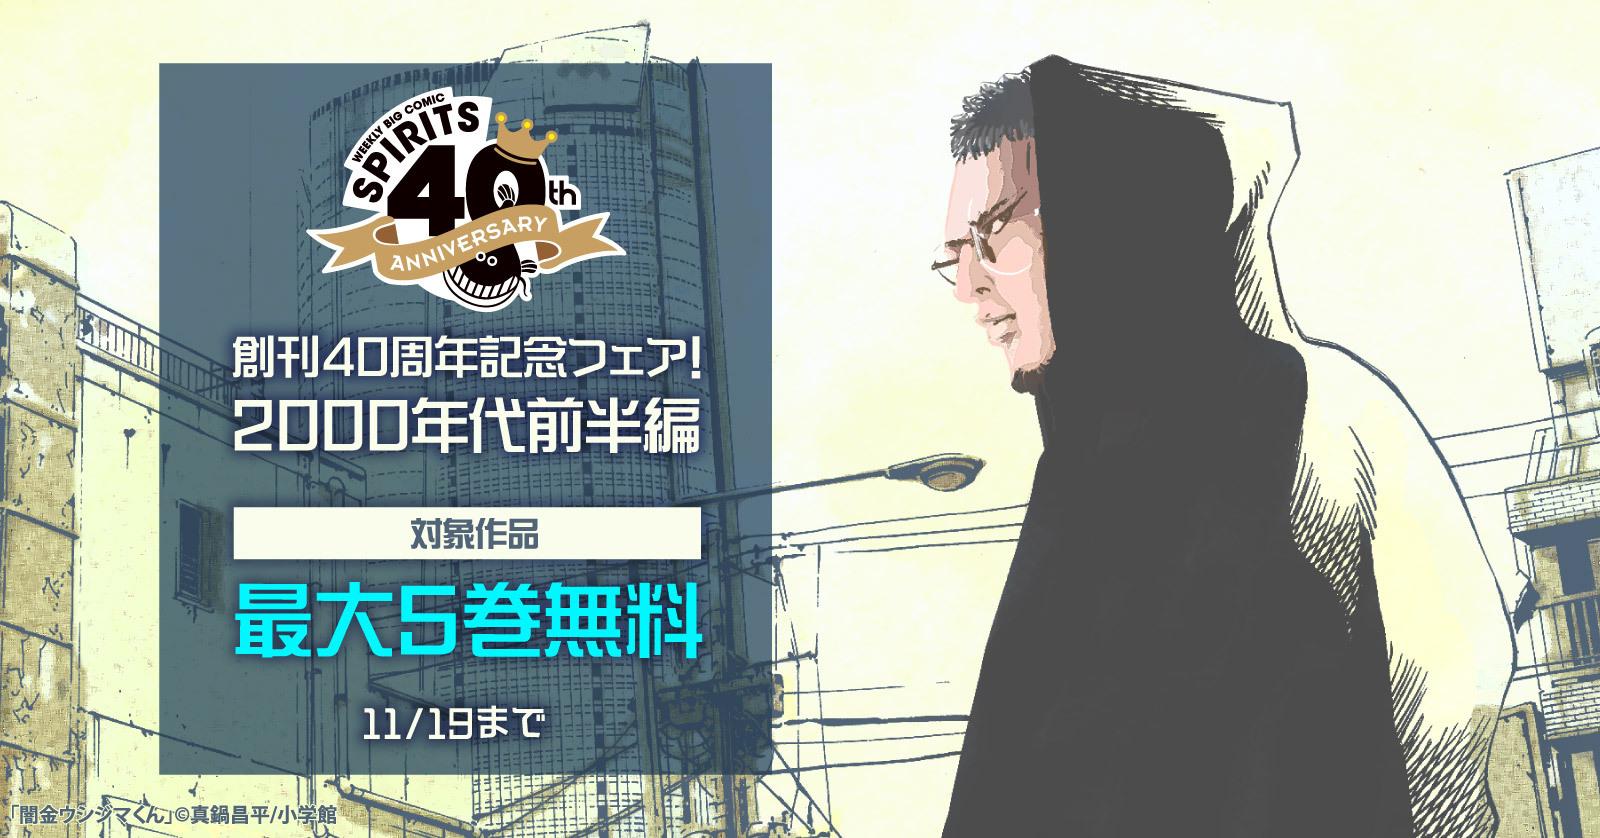 ビッグコミックスピリッツ創刊40周年記念キャンペーン!2000年代前半編